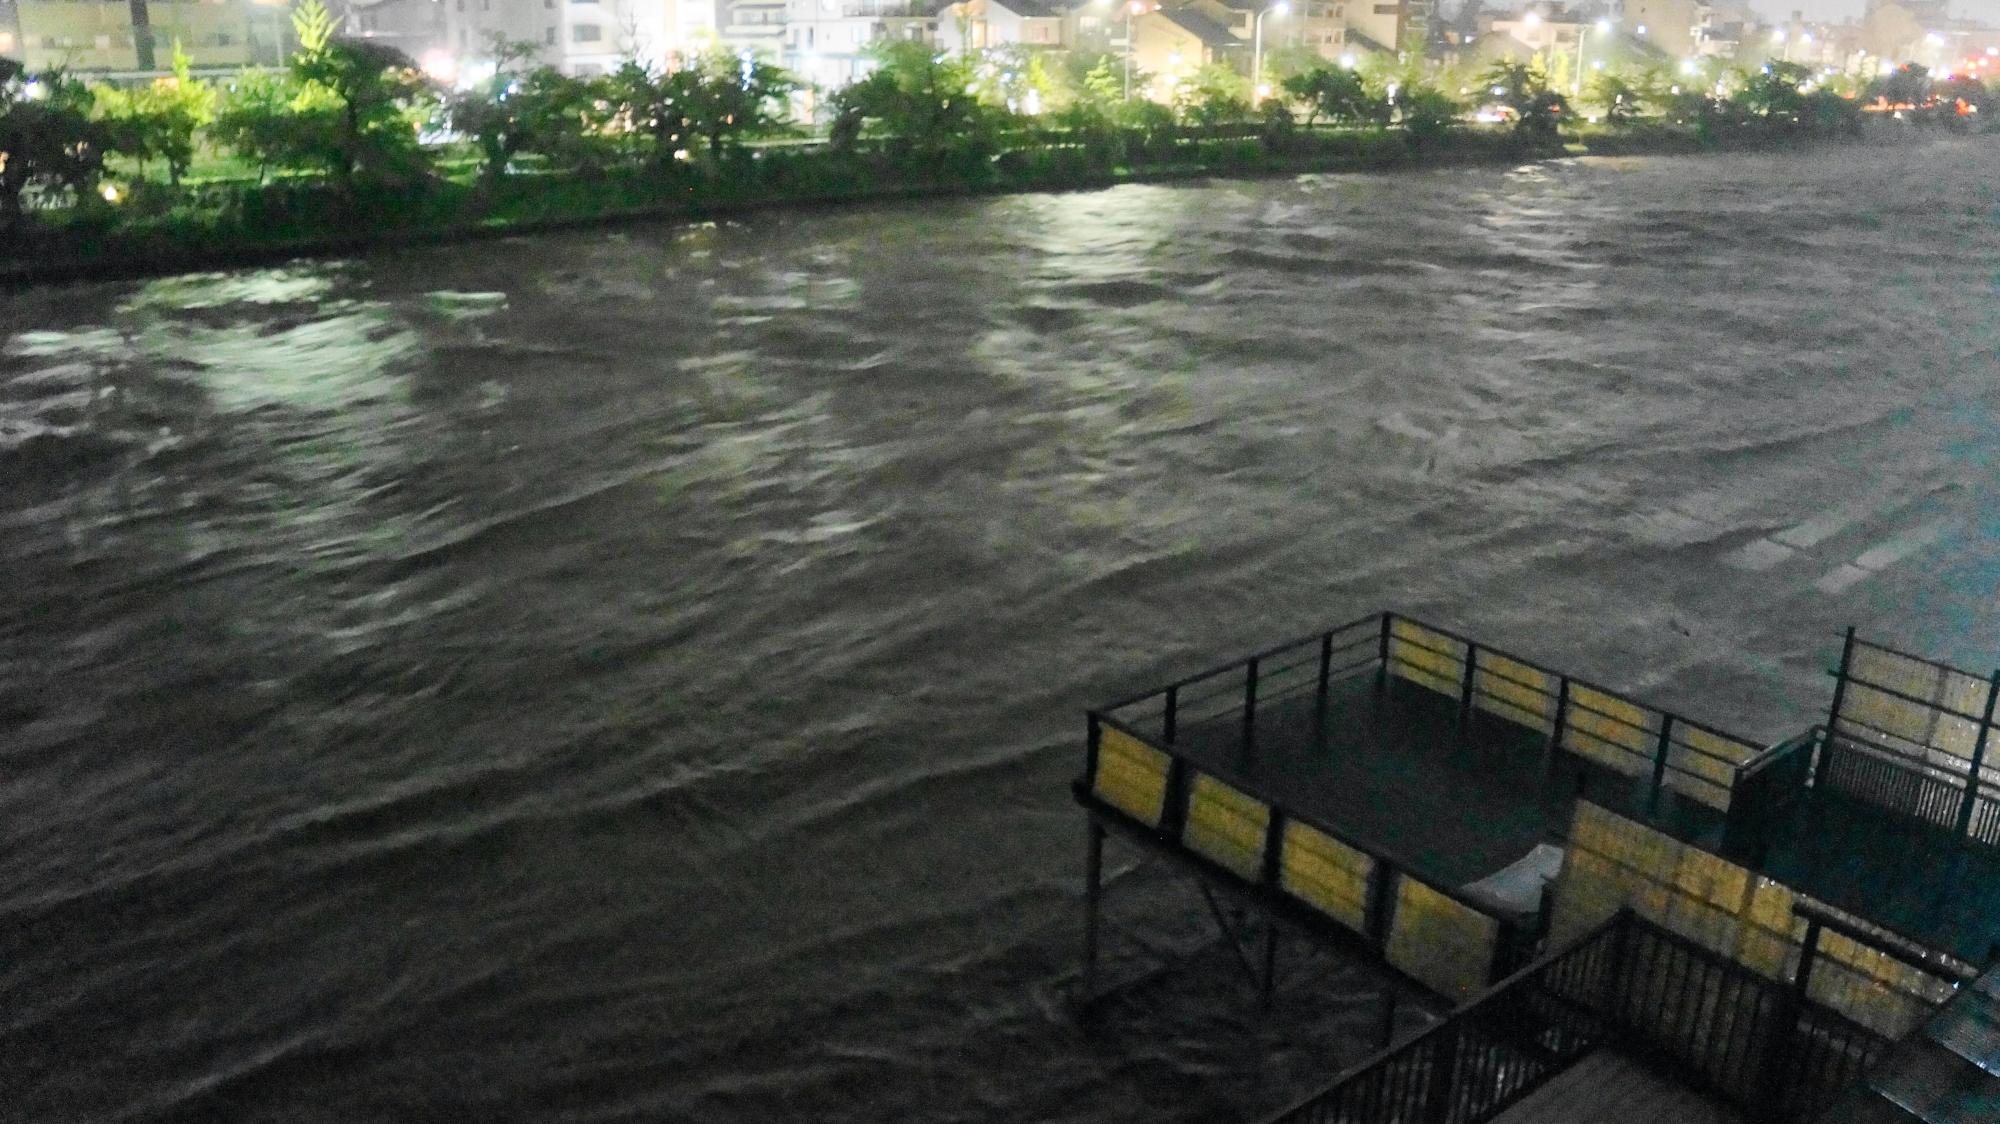 大雨が降り続き水位はさらに増した深夜の鴨川